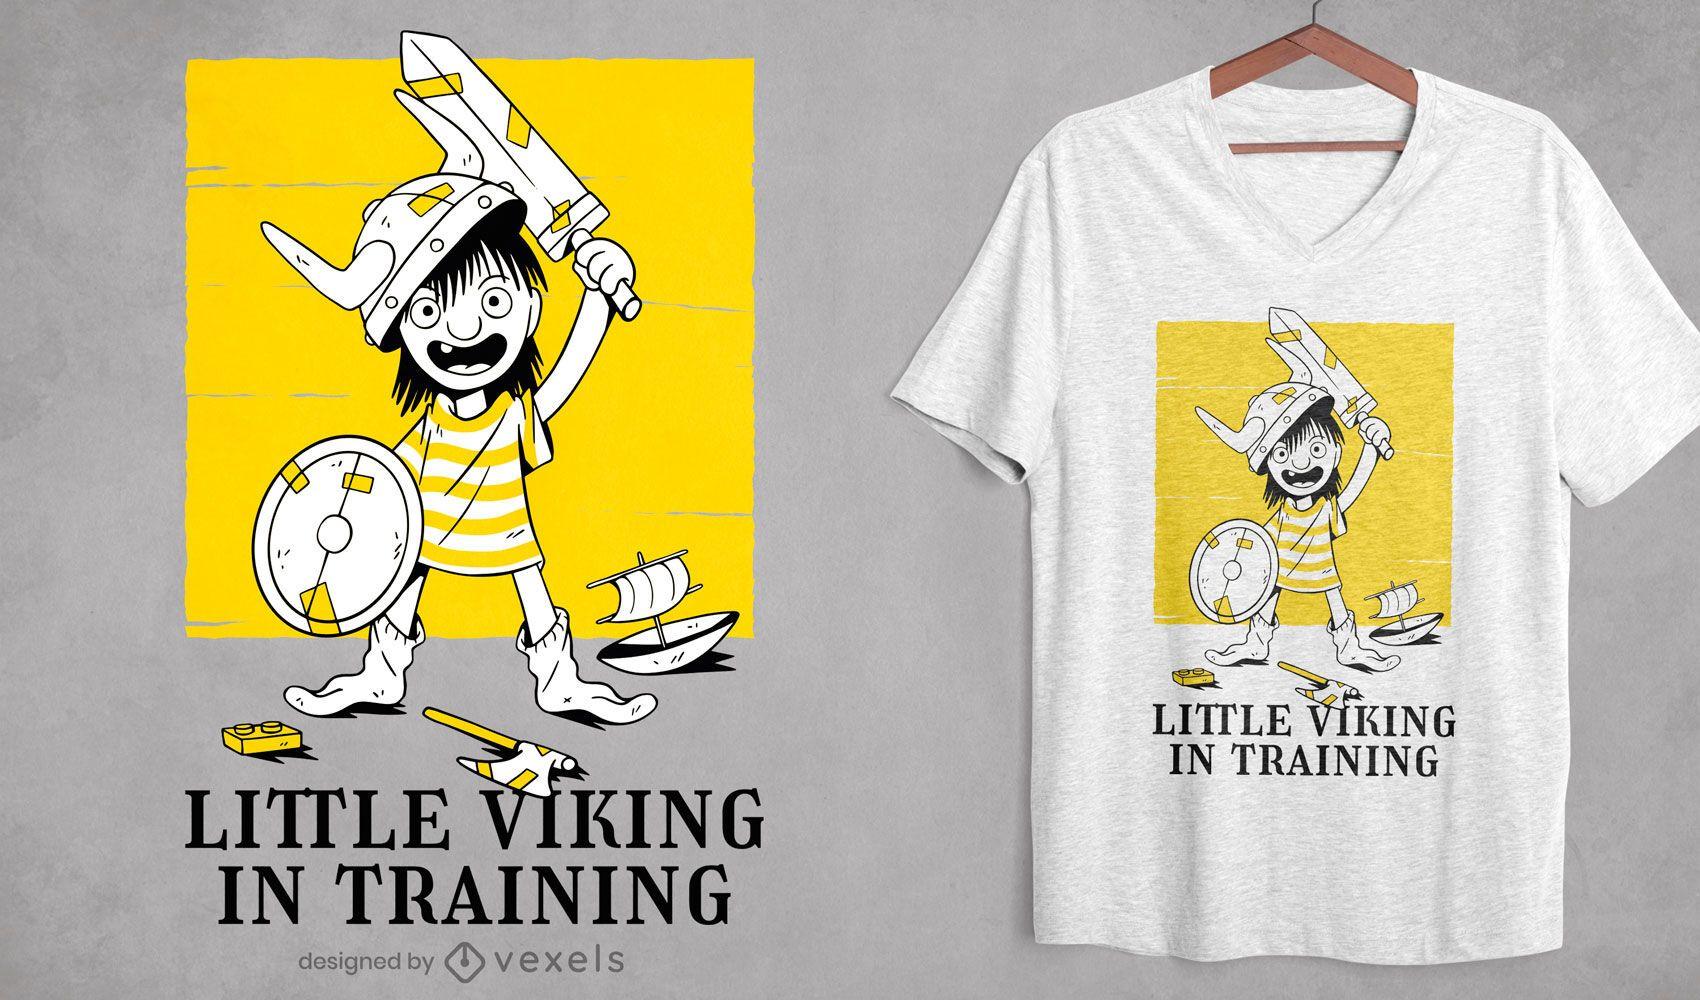 Diseño de camiseta de guerrero de entrenamiento infantil vikingo.